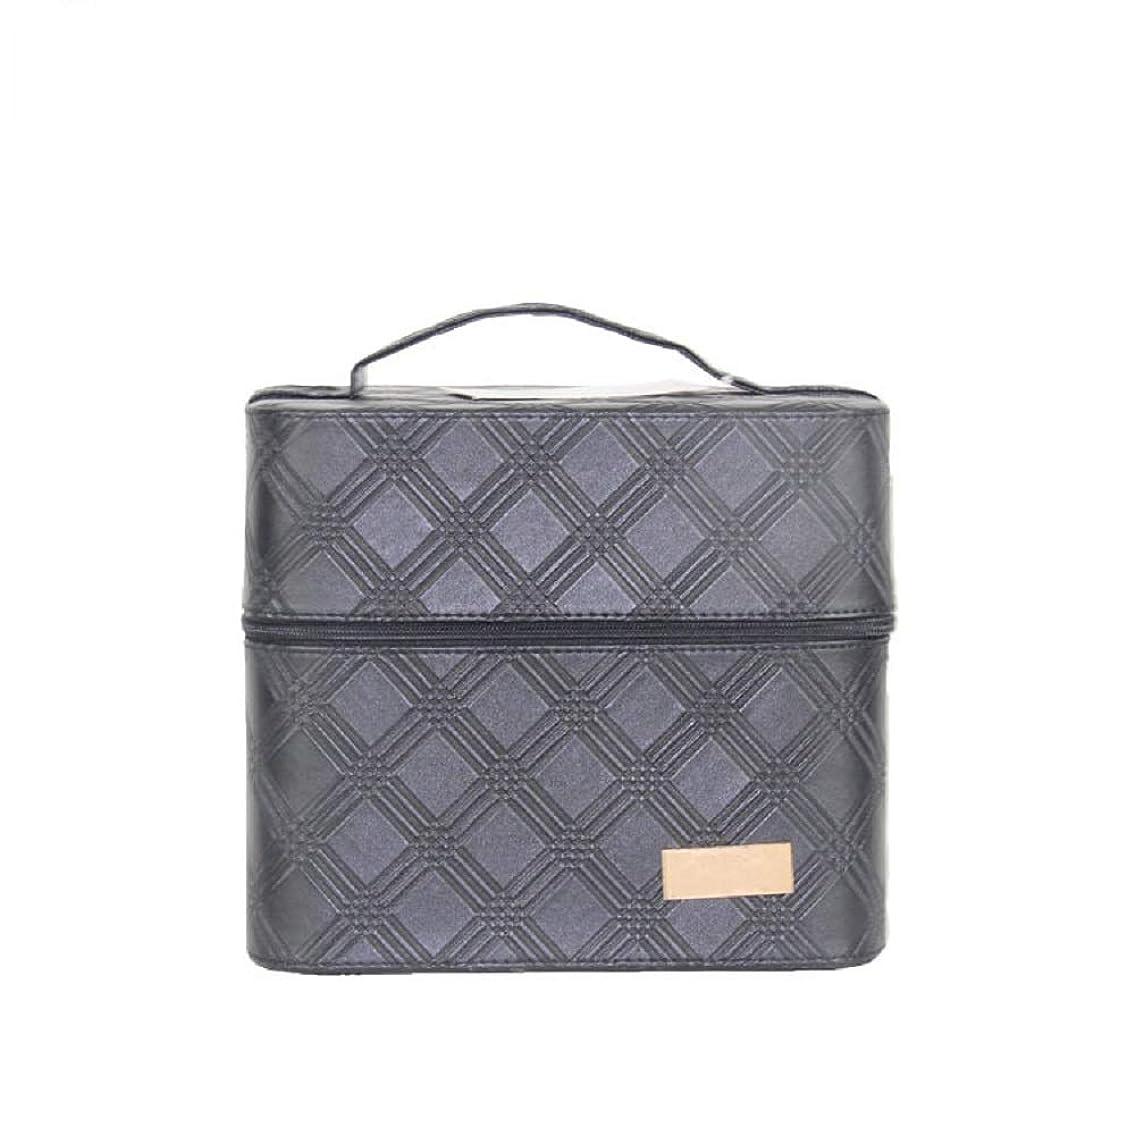 無駄に高潔な圧力化粧オーガナイザーバッグ ジッパーと2つのトレイで小さなものの種類の旅行のための美容メイクアップのための黒のポータブル化粧品バッグ 化粧品ケース